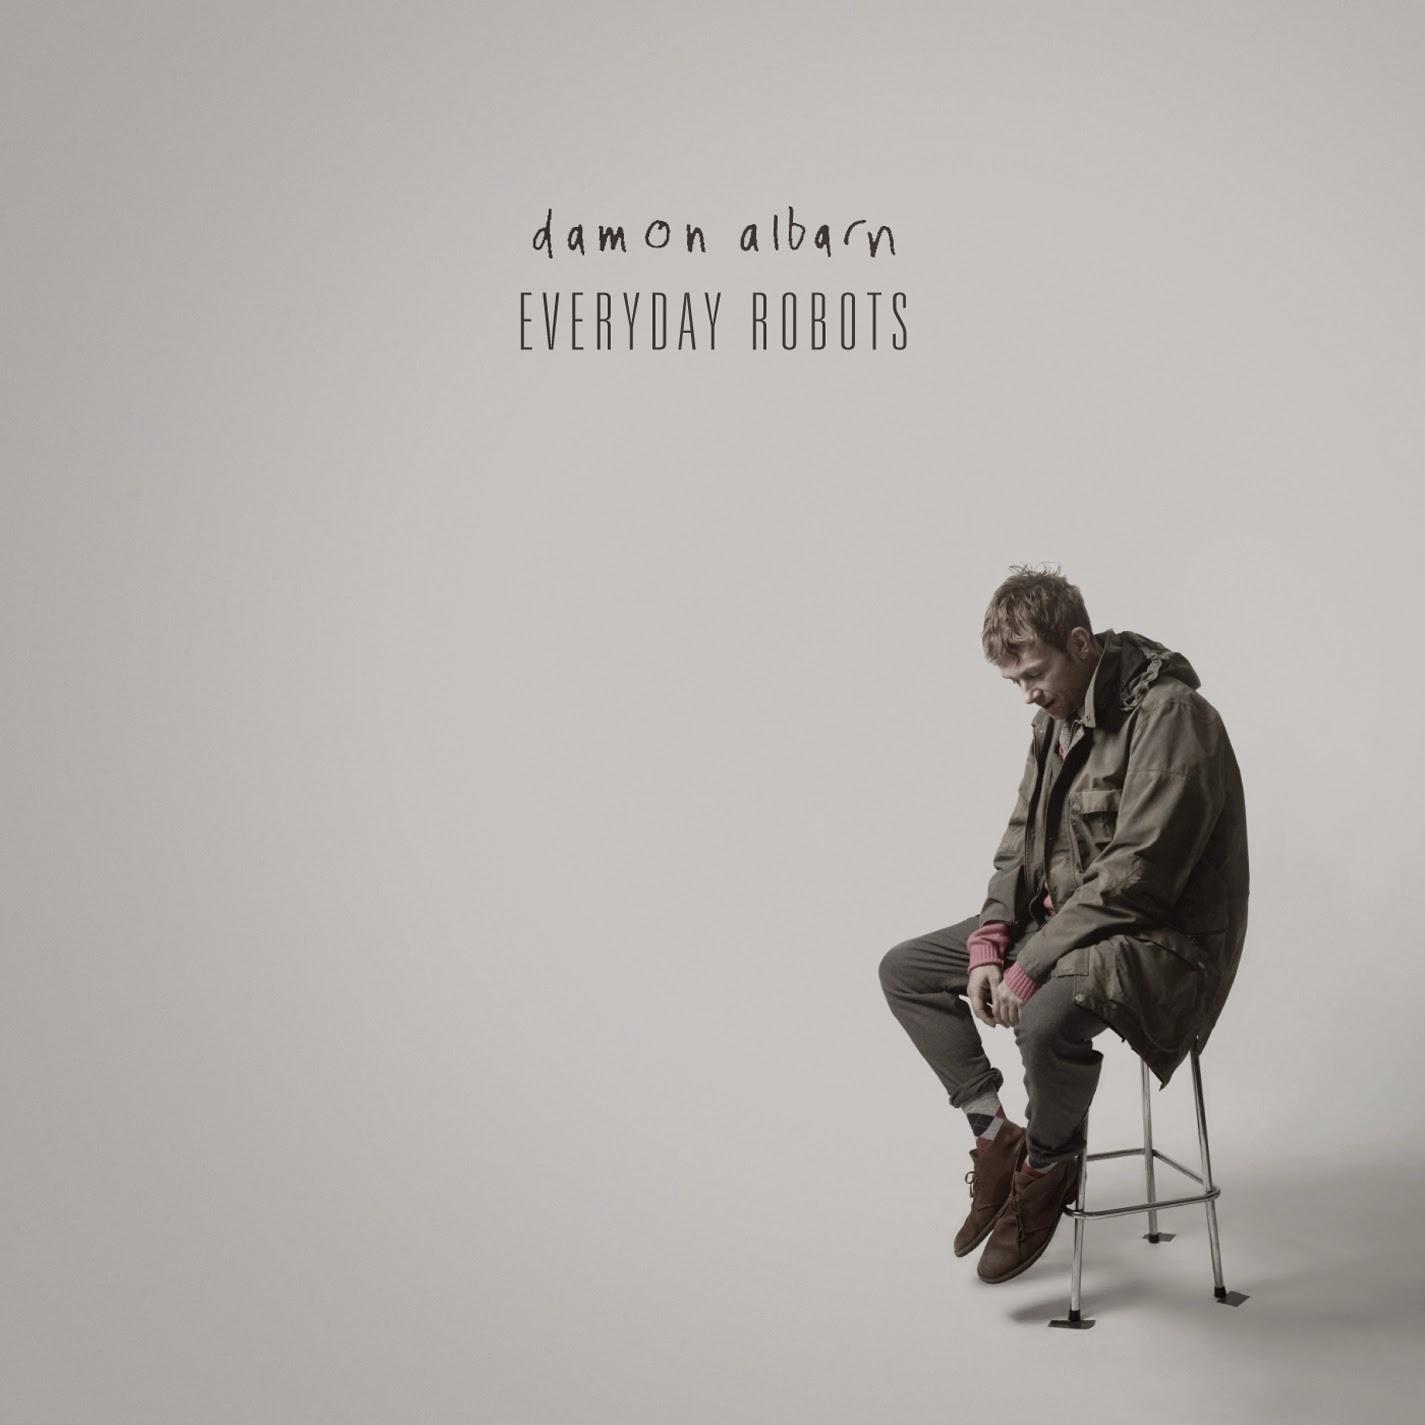 Danas izlazi prvi solo album Damona Albarna